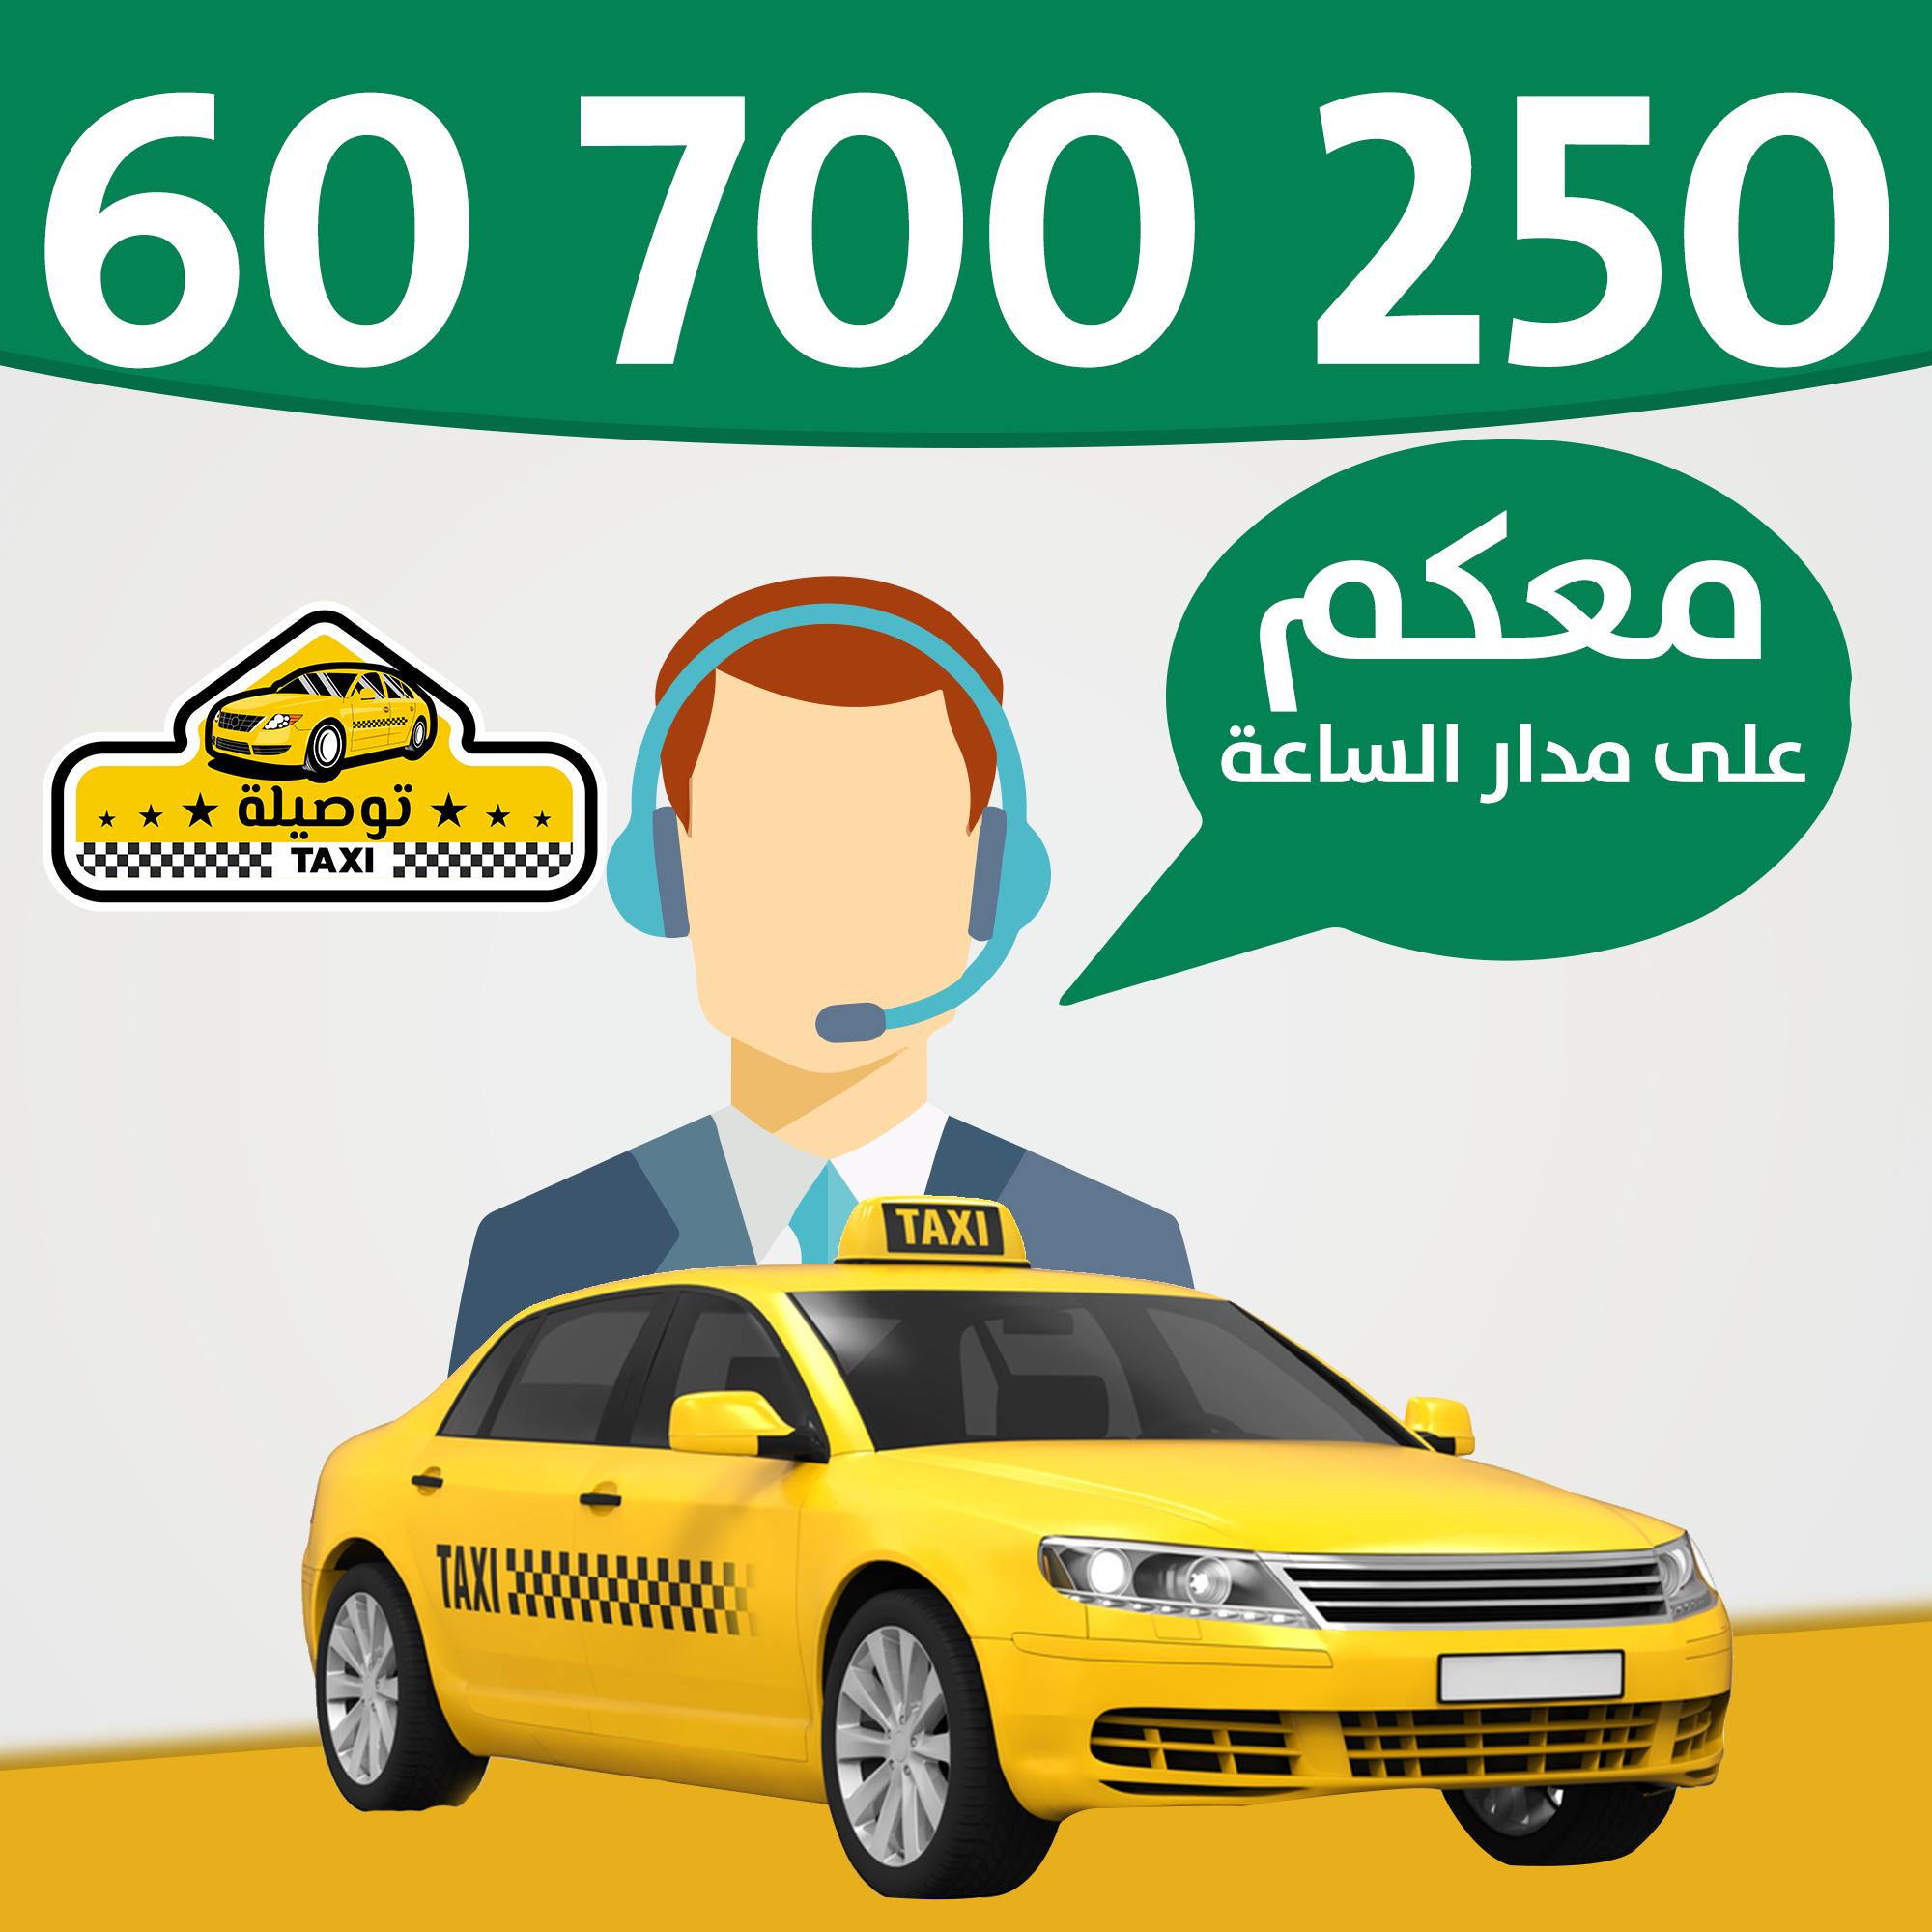 تاكسي توصيلة في شارع حمود عبدالعزيز السنان